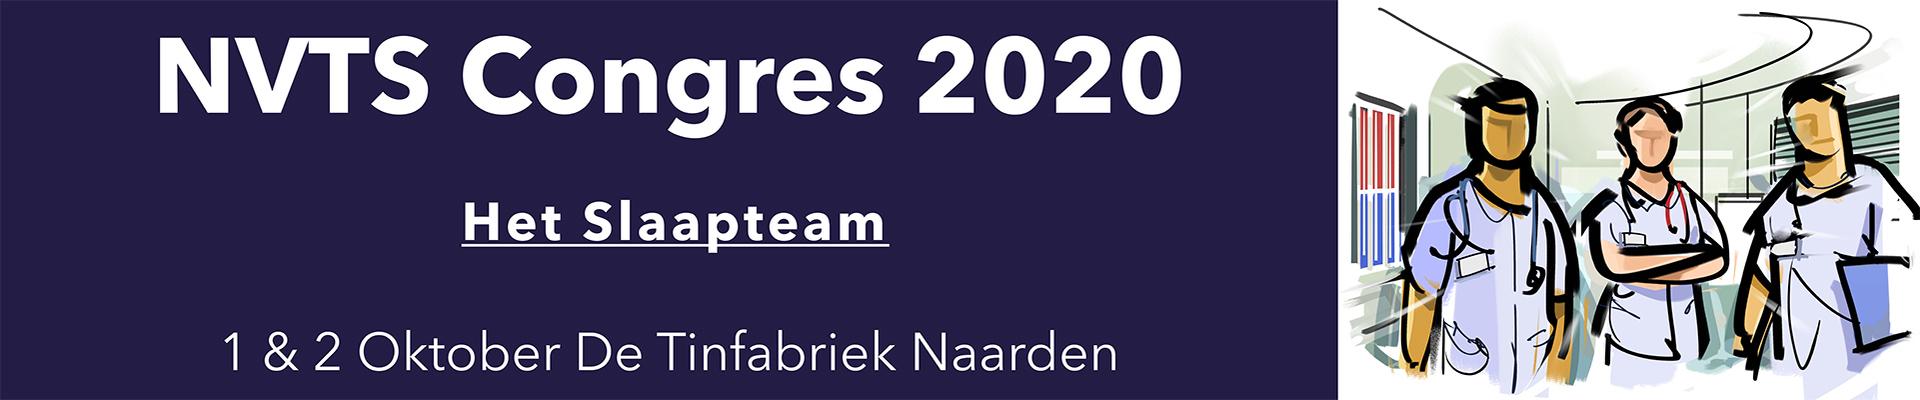 12e NVTS congres 2020